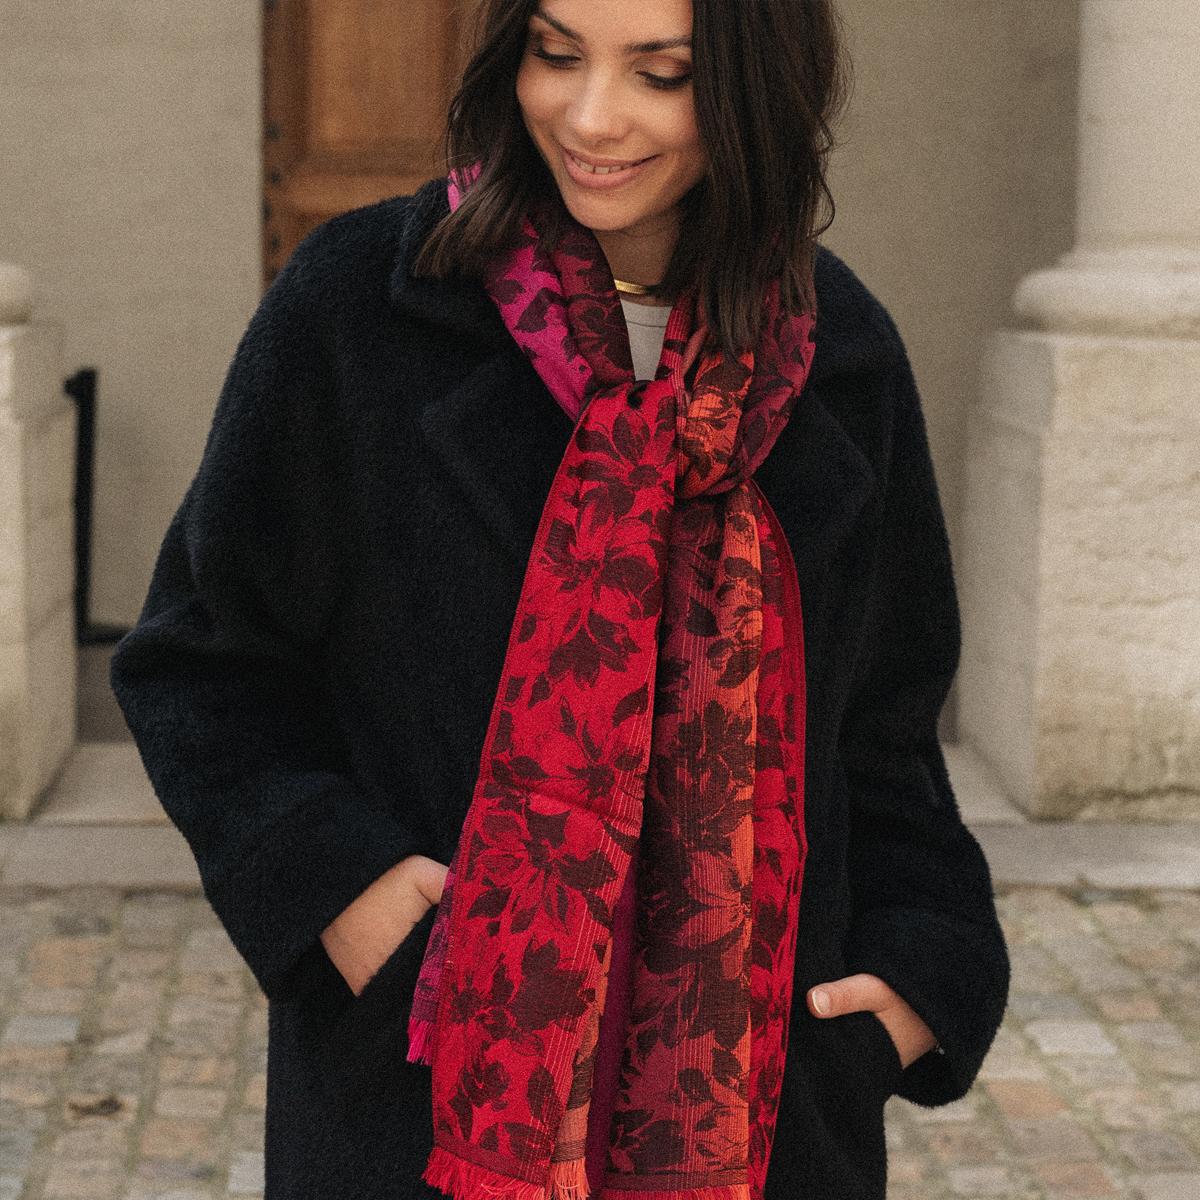 b6fb0e465909 Etole femme en laine et soie rouge fuchsia - Très haute qualité